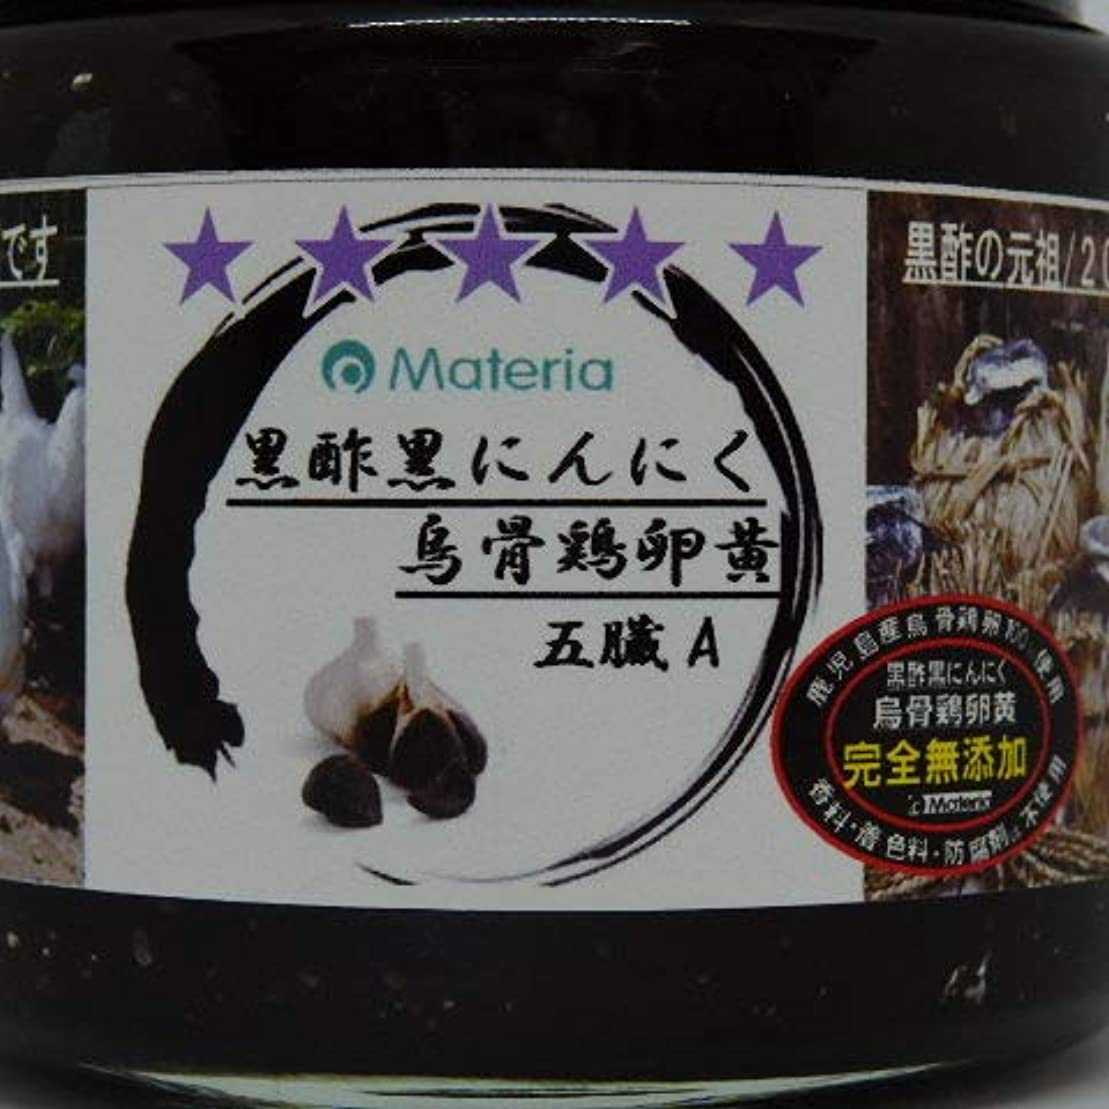 お肉凍ったキリン黒酢黒にんにく烏骨鶏卵黄/五臓系ペ-スト早溶150g(1月分)¥11,600